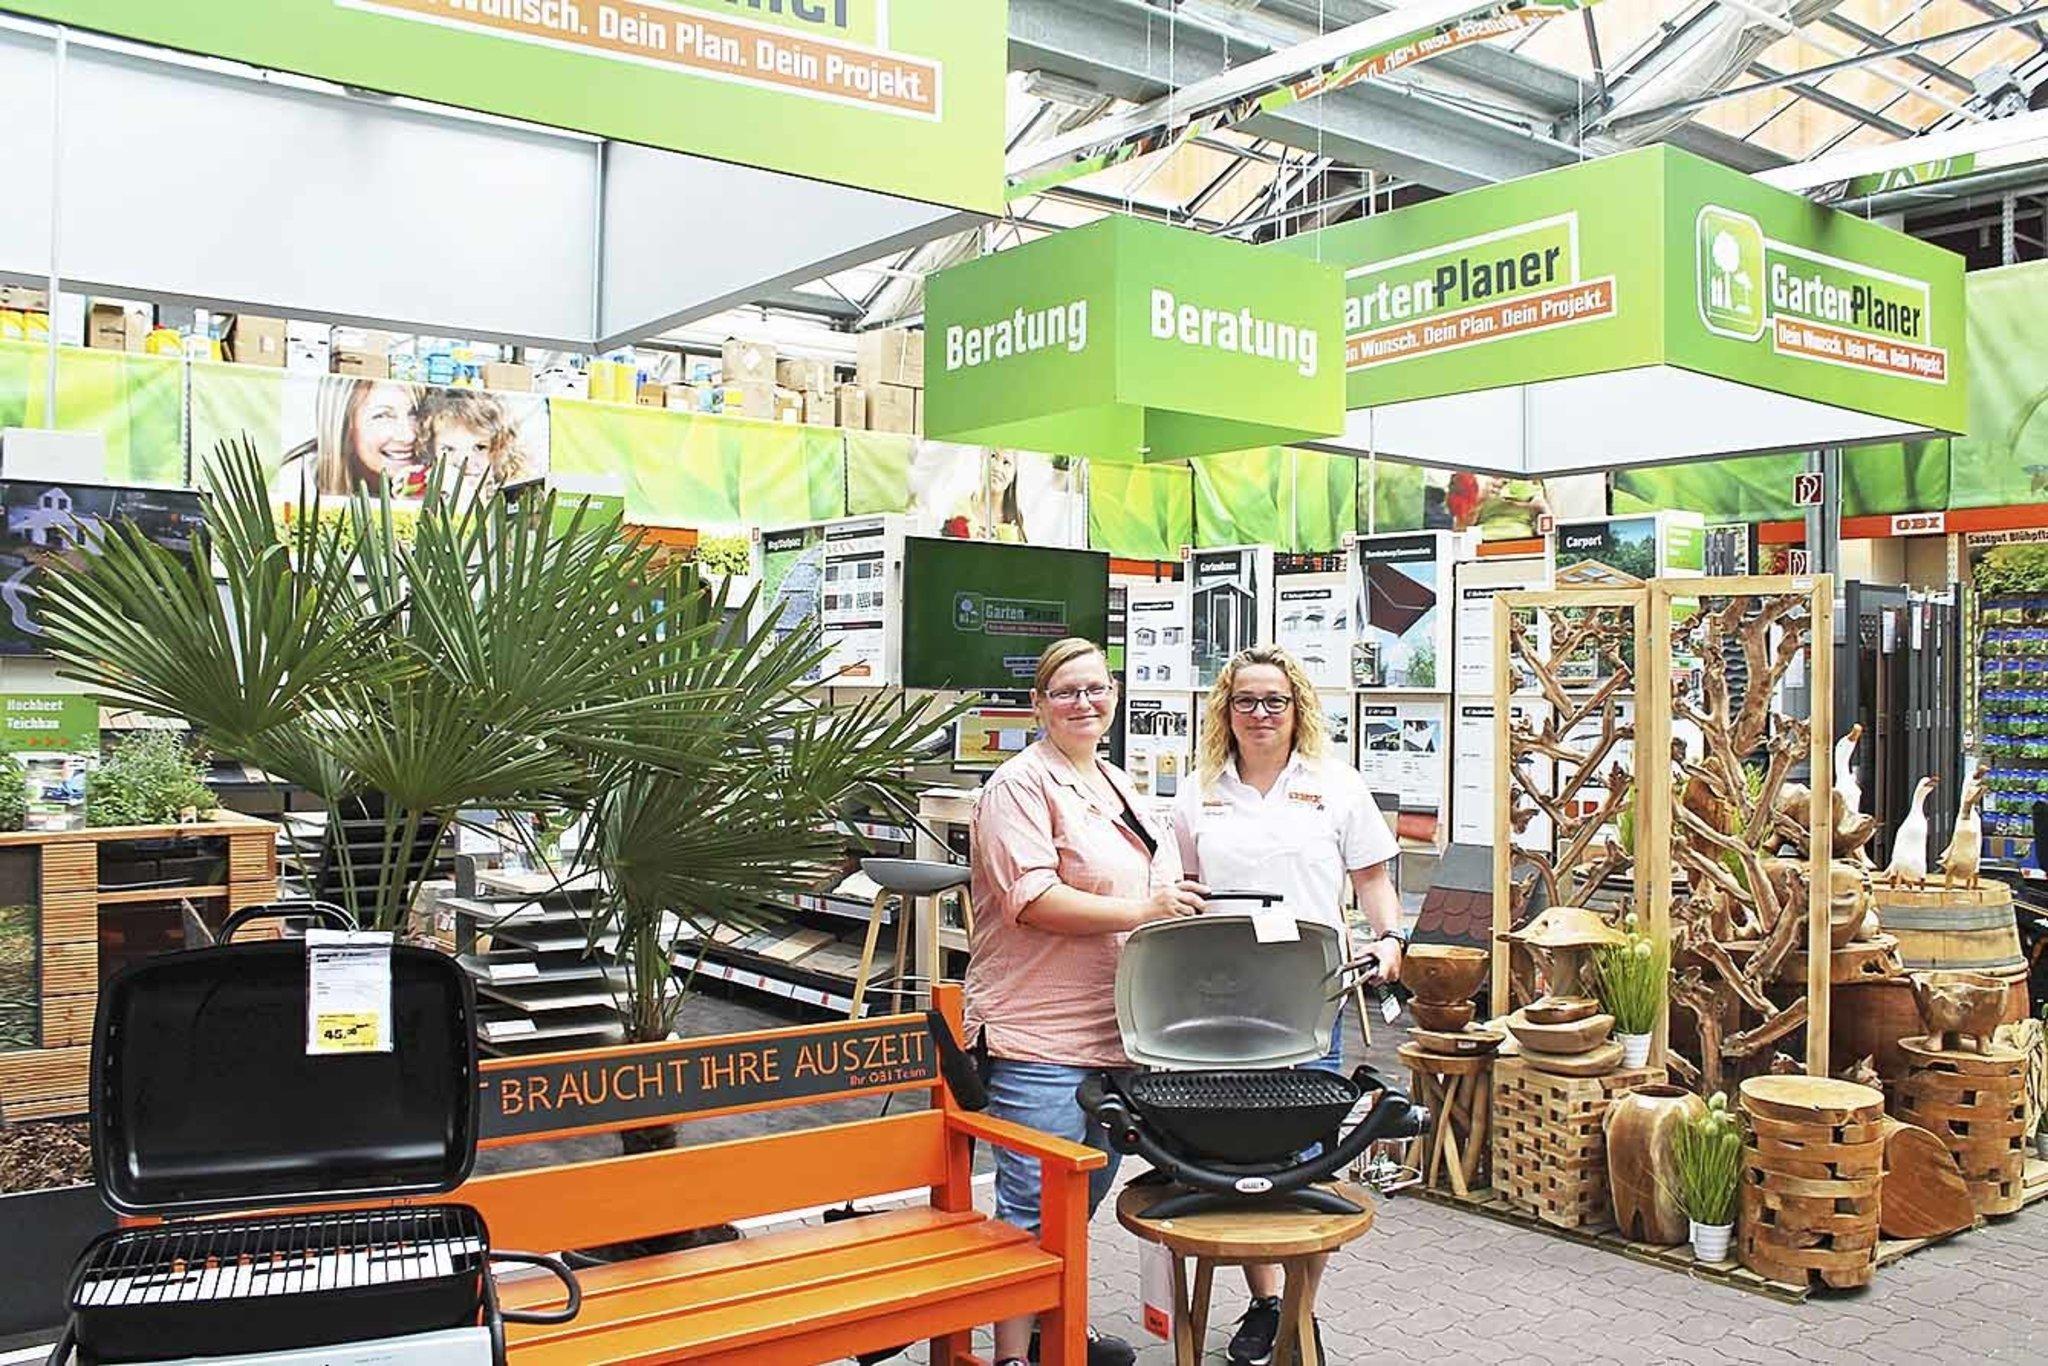 Tt Markt Buchholz : sonntags ffnung des obi markt buchholz buchholz ~ A.2002-acura-tl-radio.info Haus und Dekorationen